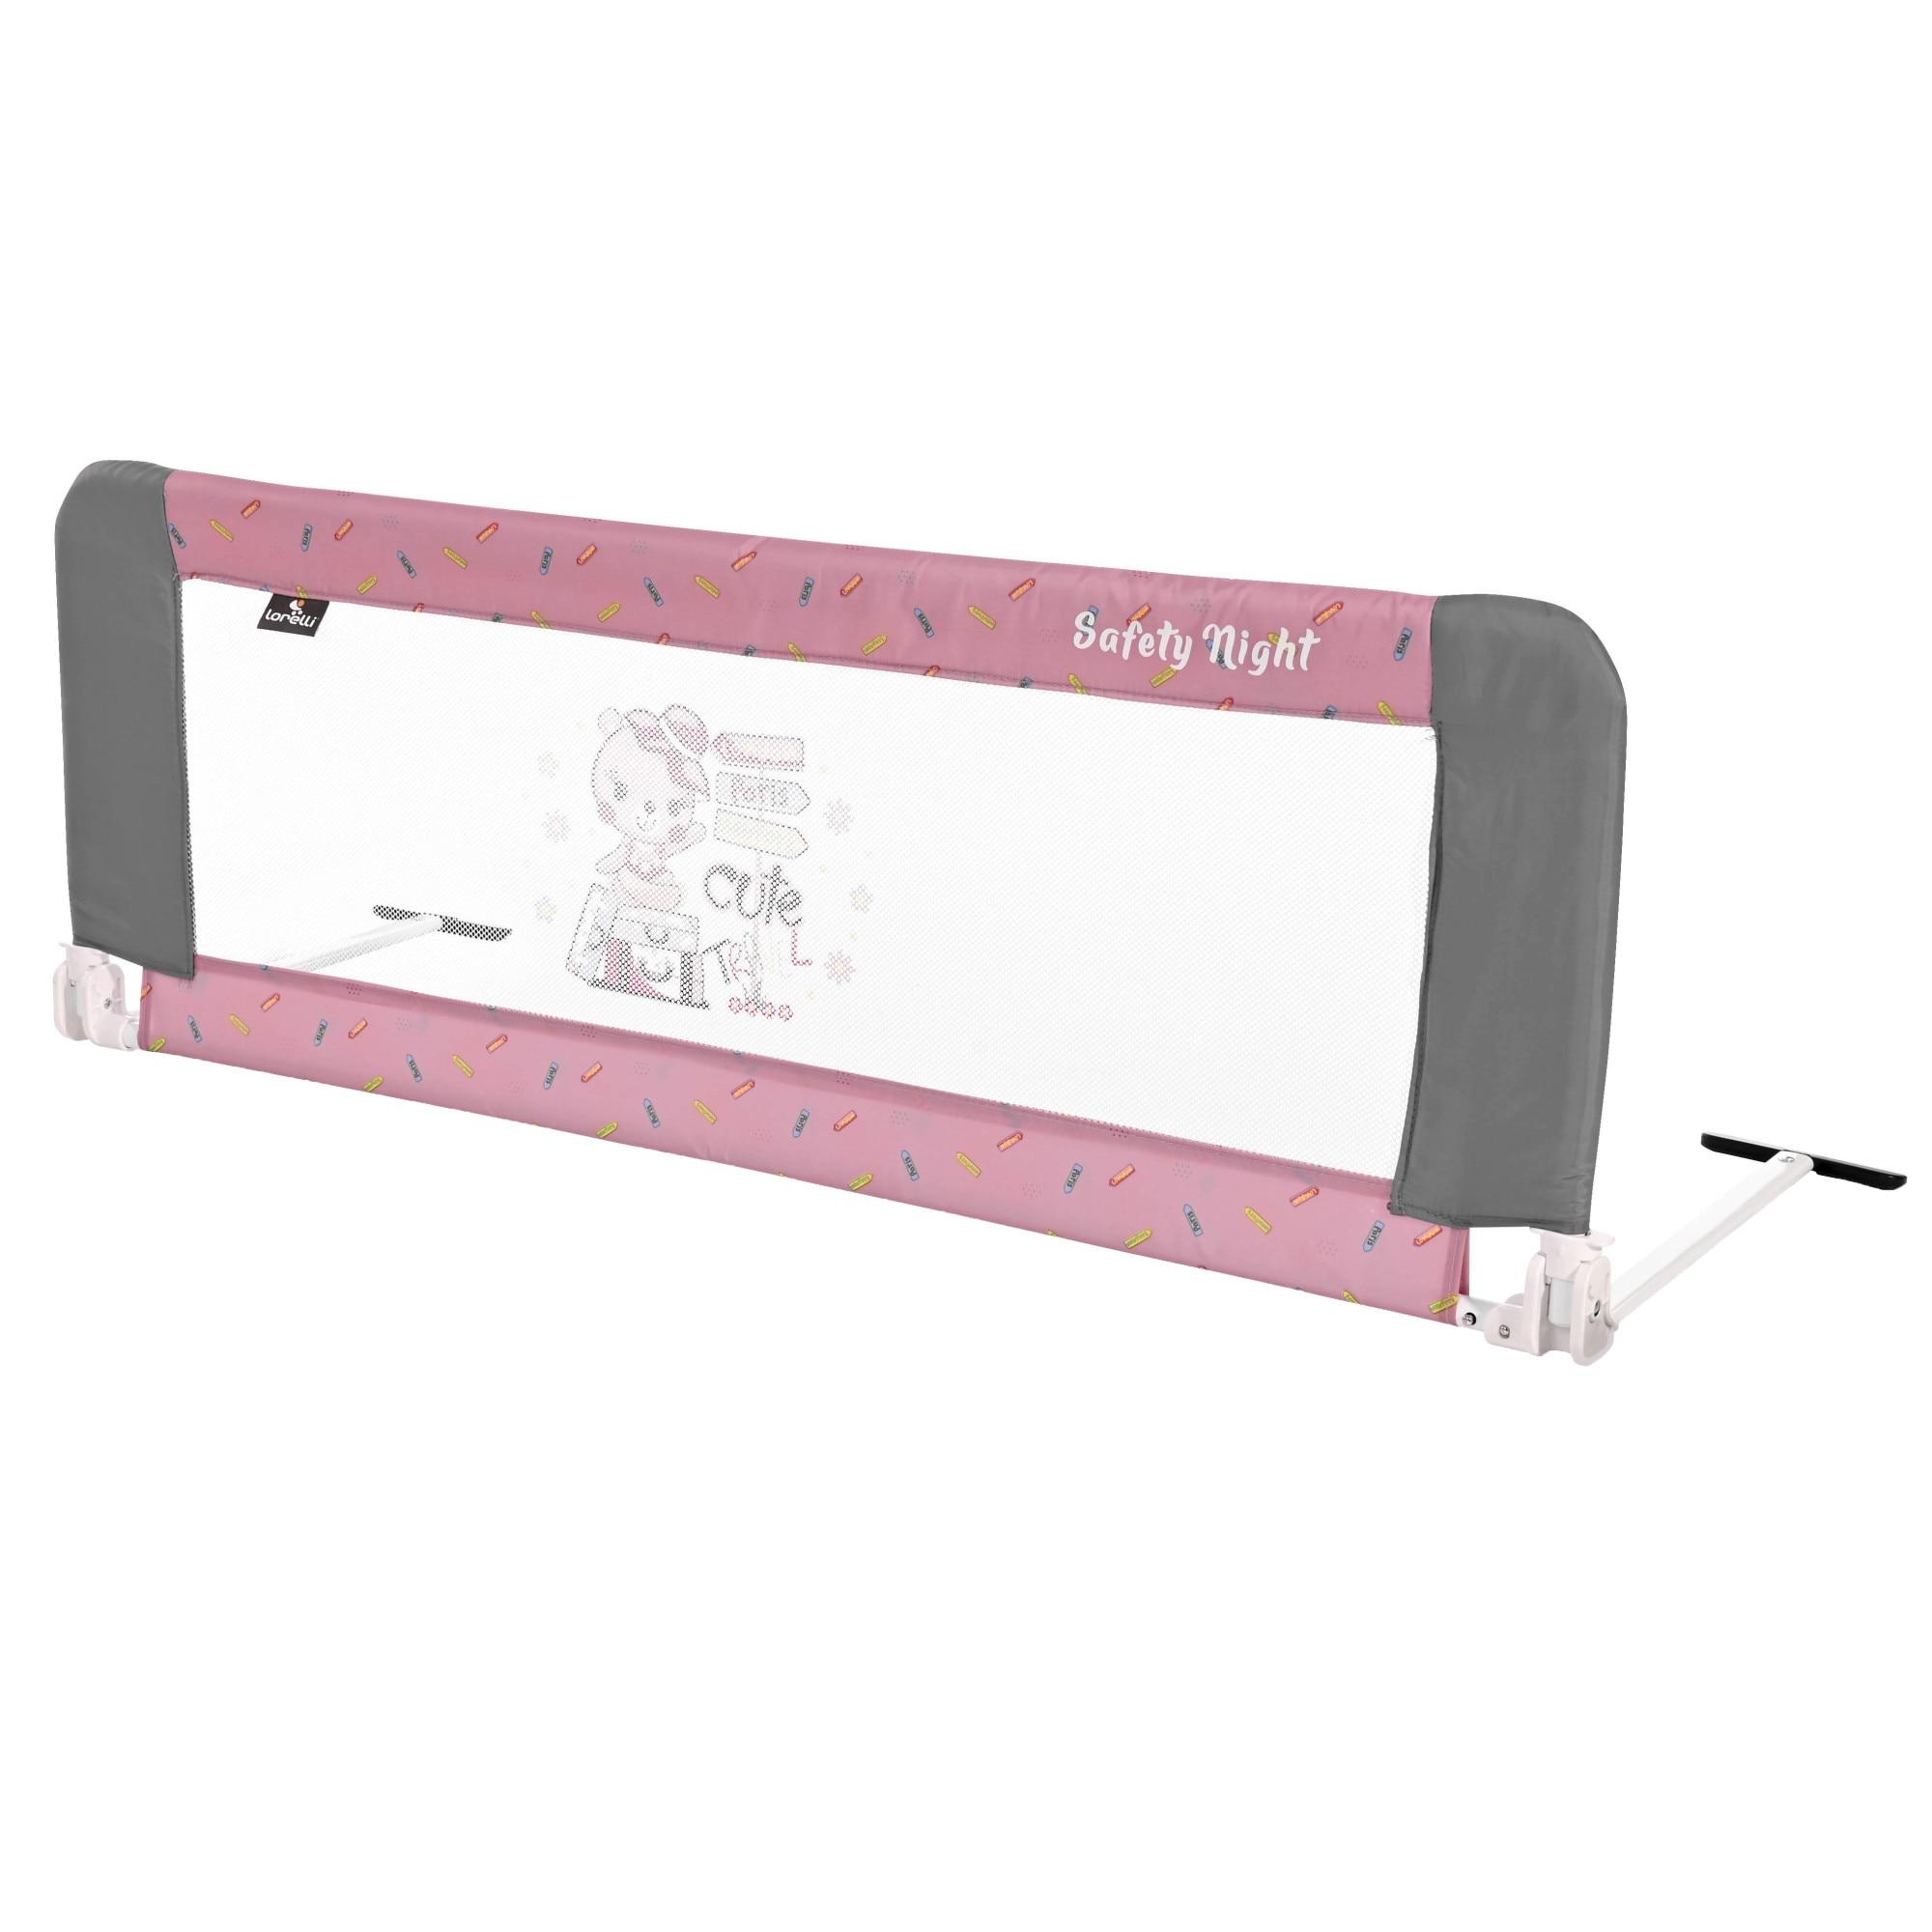 Fotografie Bariera de protectie pentru pat Lorelli Safety Night, reglabila, Pink Traveling, Roz